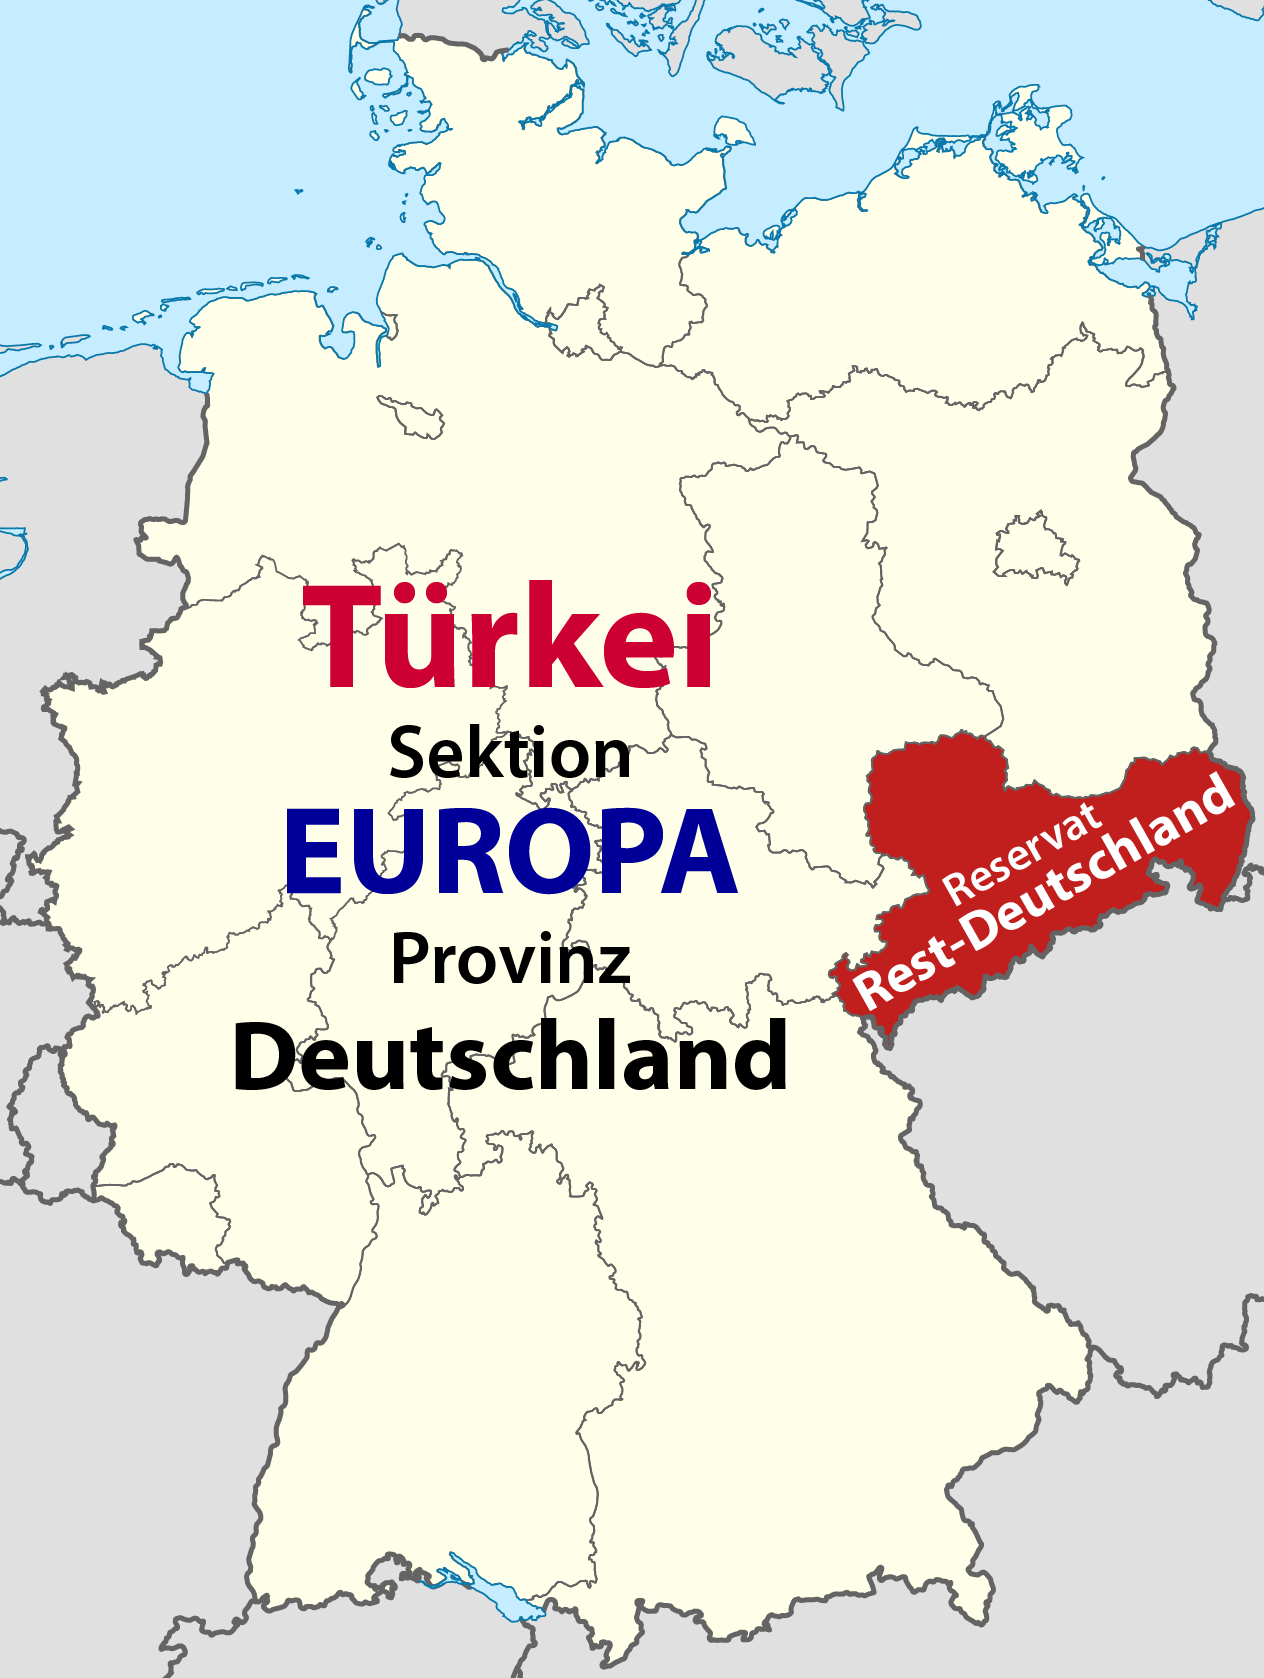 """❌❌❌ Die aktuellen Probleme mit Blick auf die Zuwanderung sind einfach zu lösen, gerade mit und in Deutschland. Man muss nur den Vorgaben und Wünschen aus der Türkei und Übersee folgen und schon ist alles in Ordnung. Es ist hilfreich zu wissen, wer heute noch """"Interessen"""" haben darf und wer nicht. Unsere Bundeskanzlerin ist sehr gelehrig und bereits weit fortgeschritten, ein Teil der Deutschen hingegen nicht. Selbst für diese Randgruppe haben Merkel und Erdogan eine Lösung parat. ❌❌❌ #Merkel"""